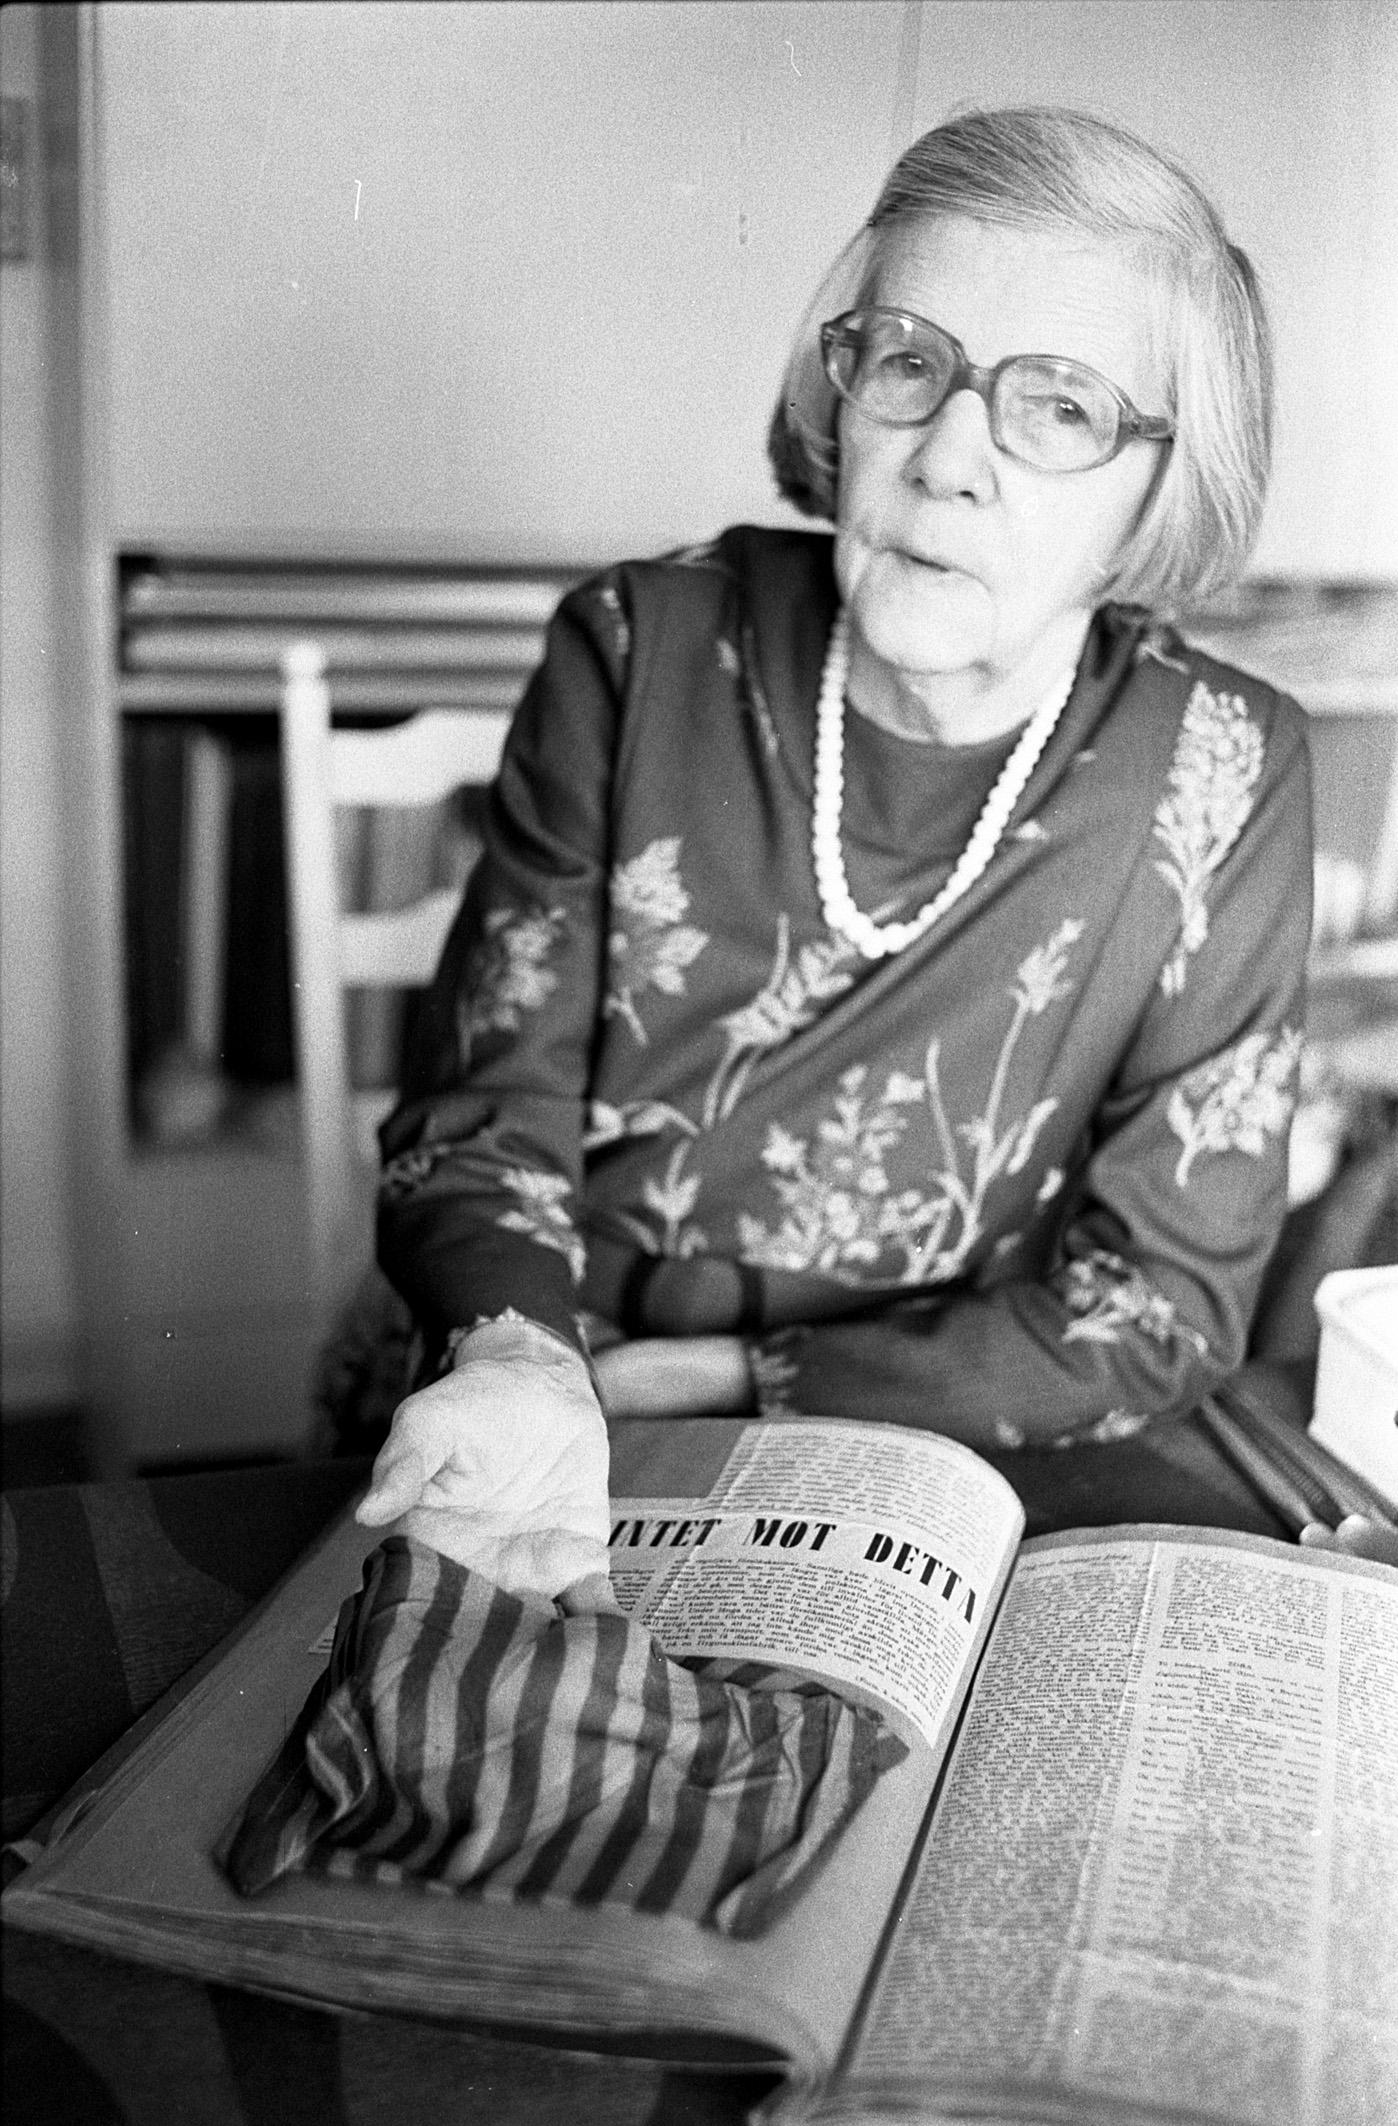 Modstandskvinden Astrid Blumensaadt, 1983.